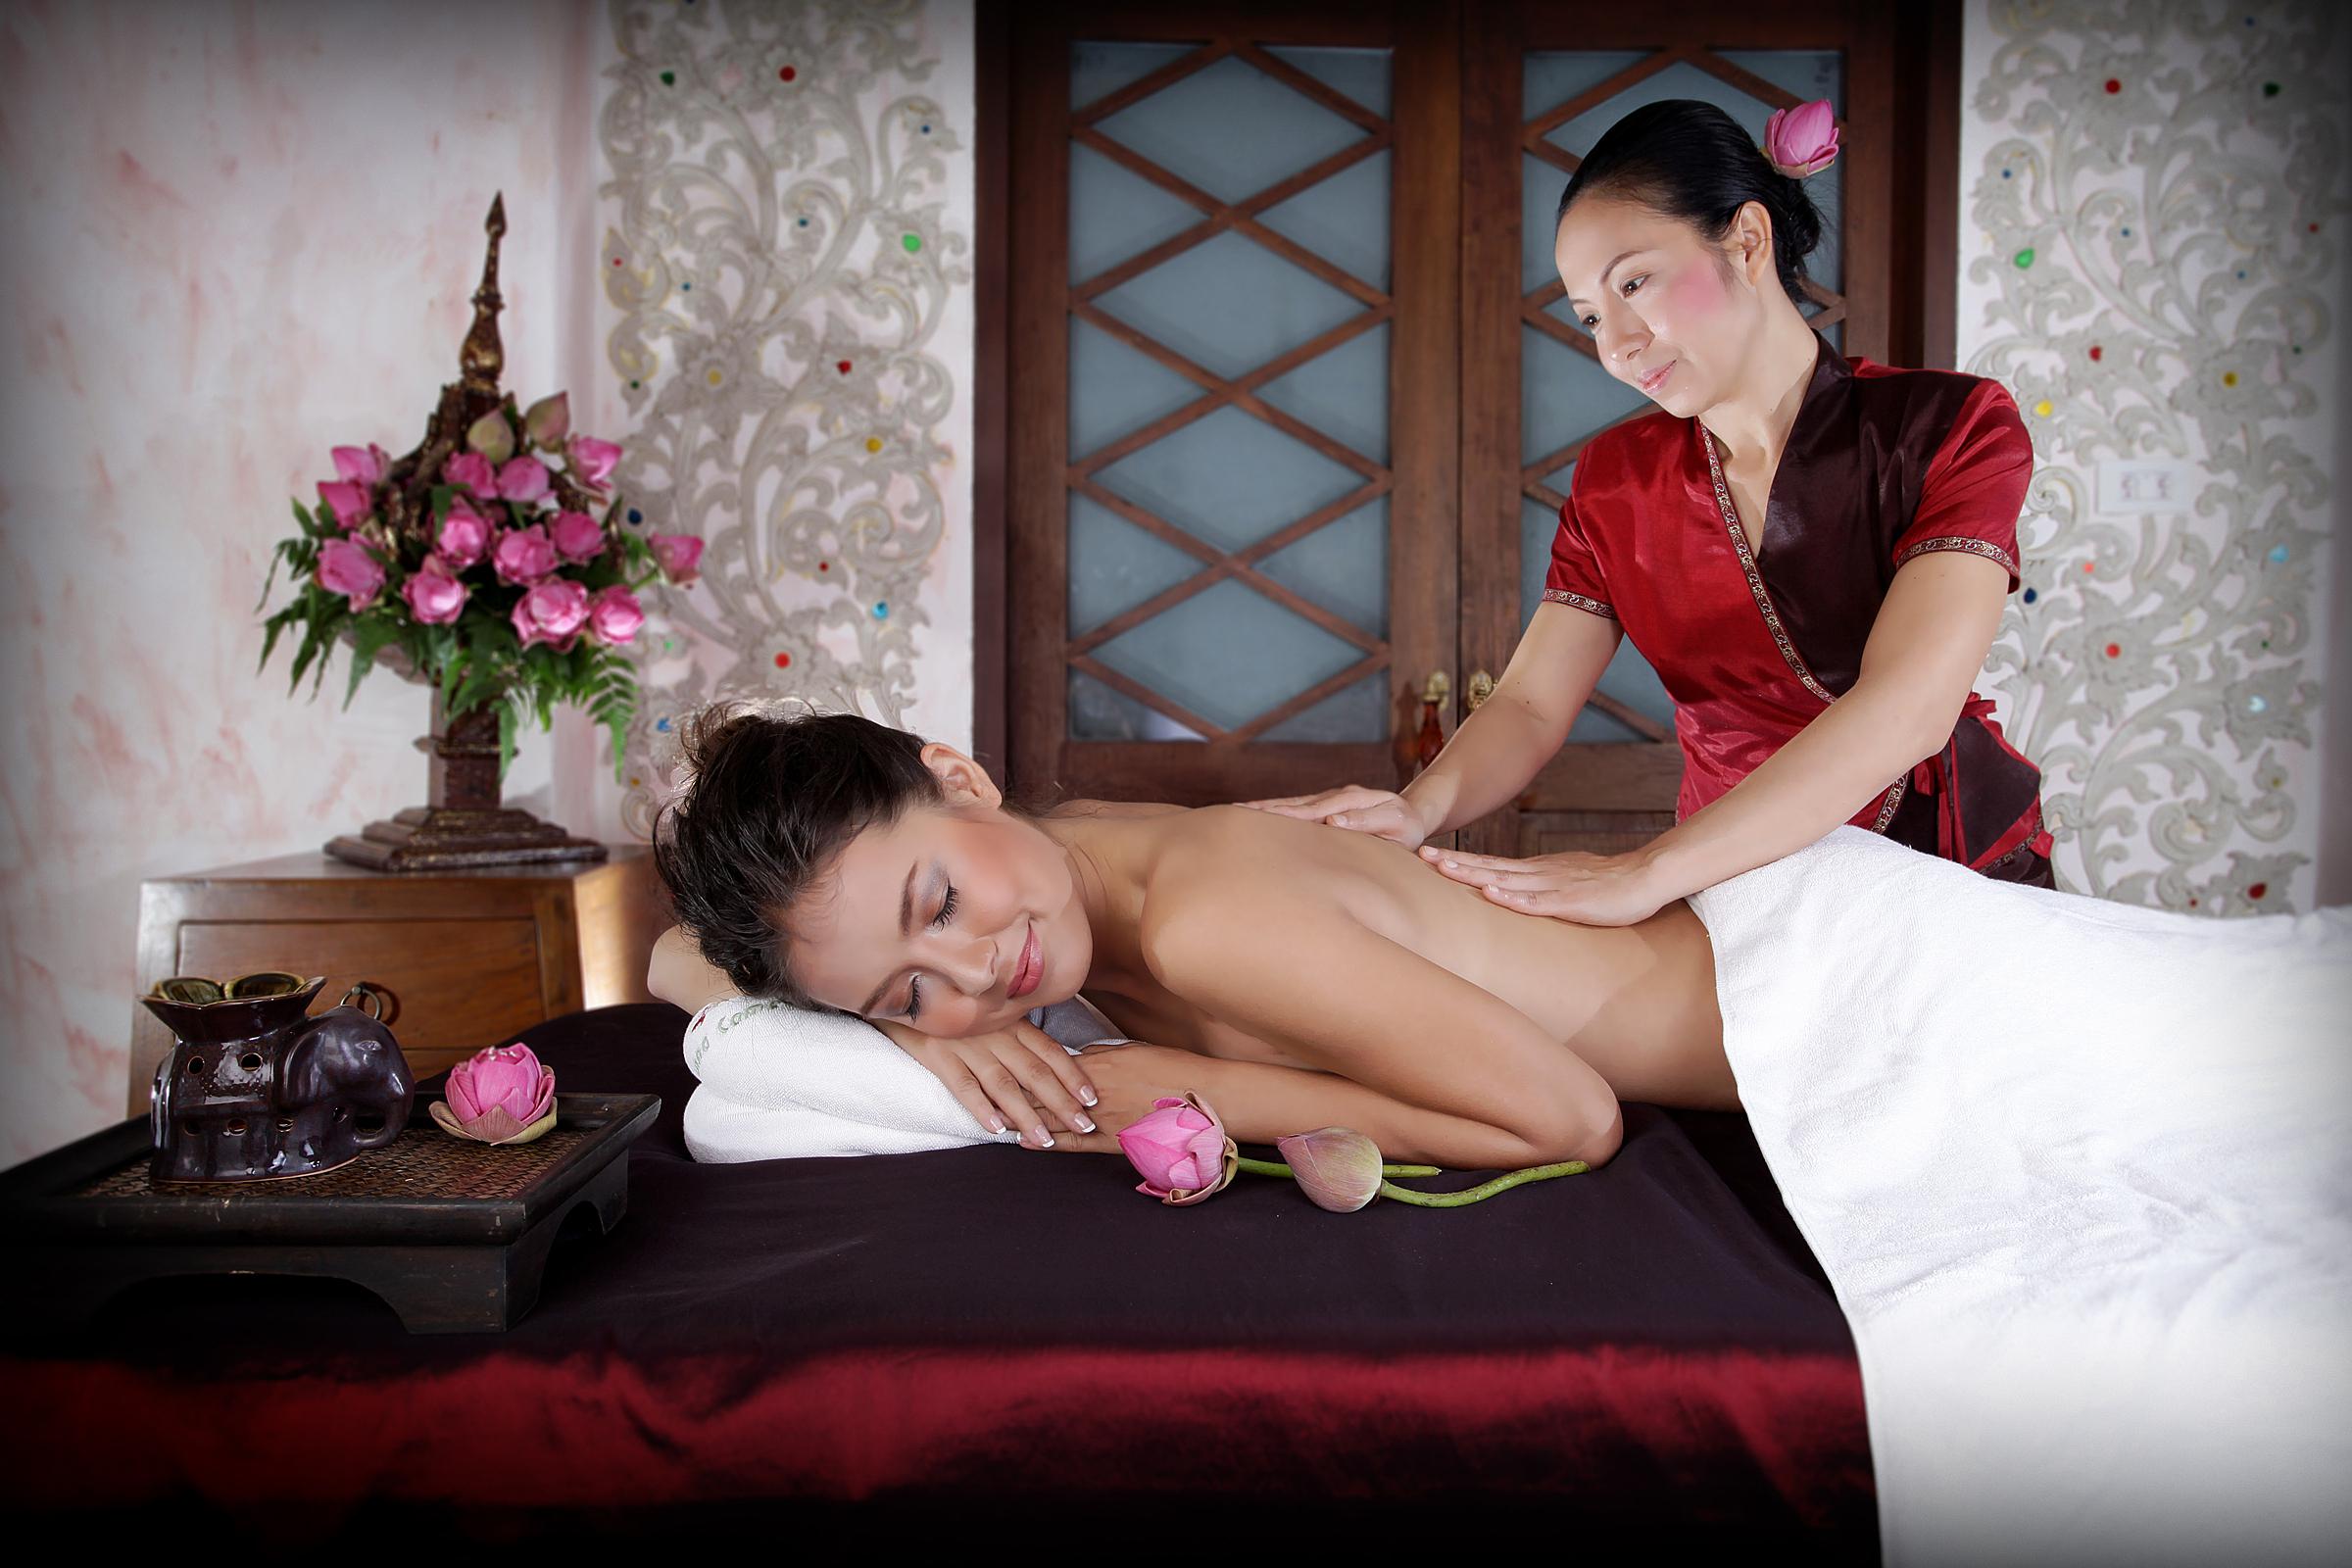 Du khách không chỉ có cơ hội thăm khám, chữa trị tại những bệnh viện hiện đại mà còn có cơ hội nghỉ dưỡng, thư giãn trong những spa ở khu resort, khách sạn cao cấp.